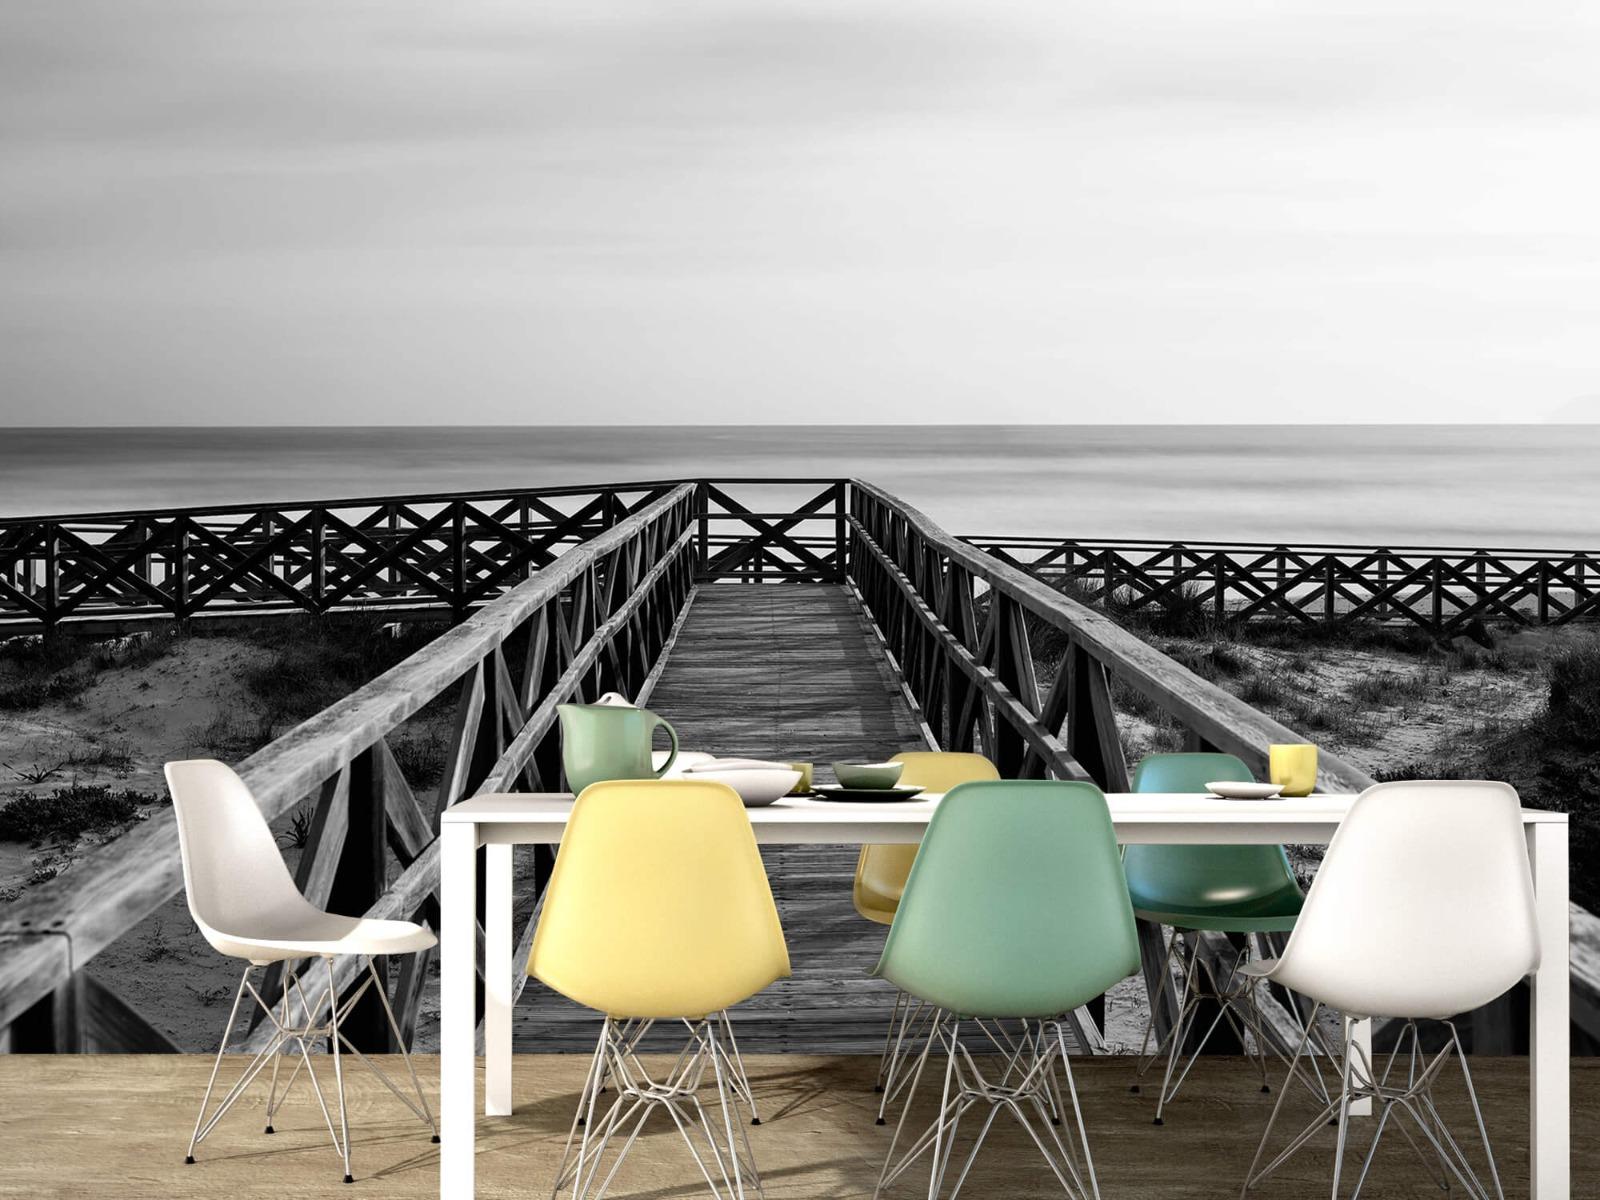 Zwart Wit behang - Loopbrug naar het strand - Hal 15